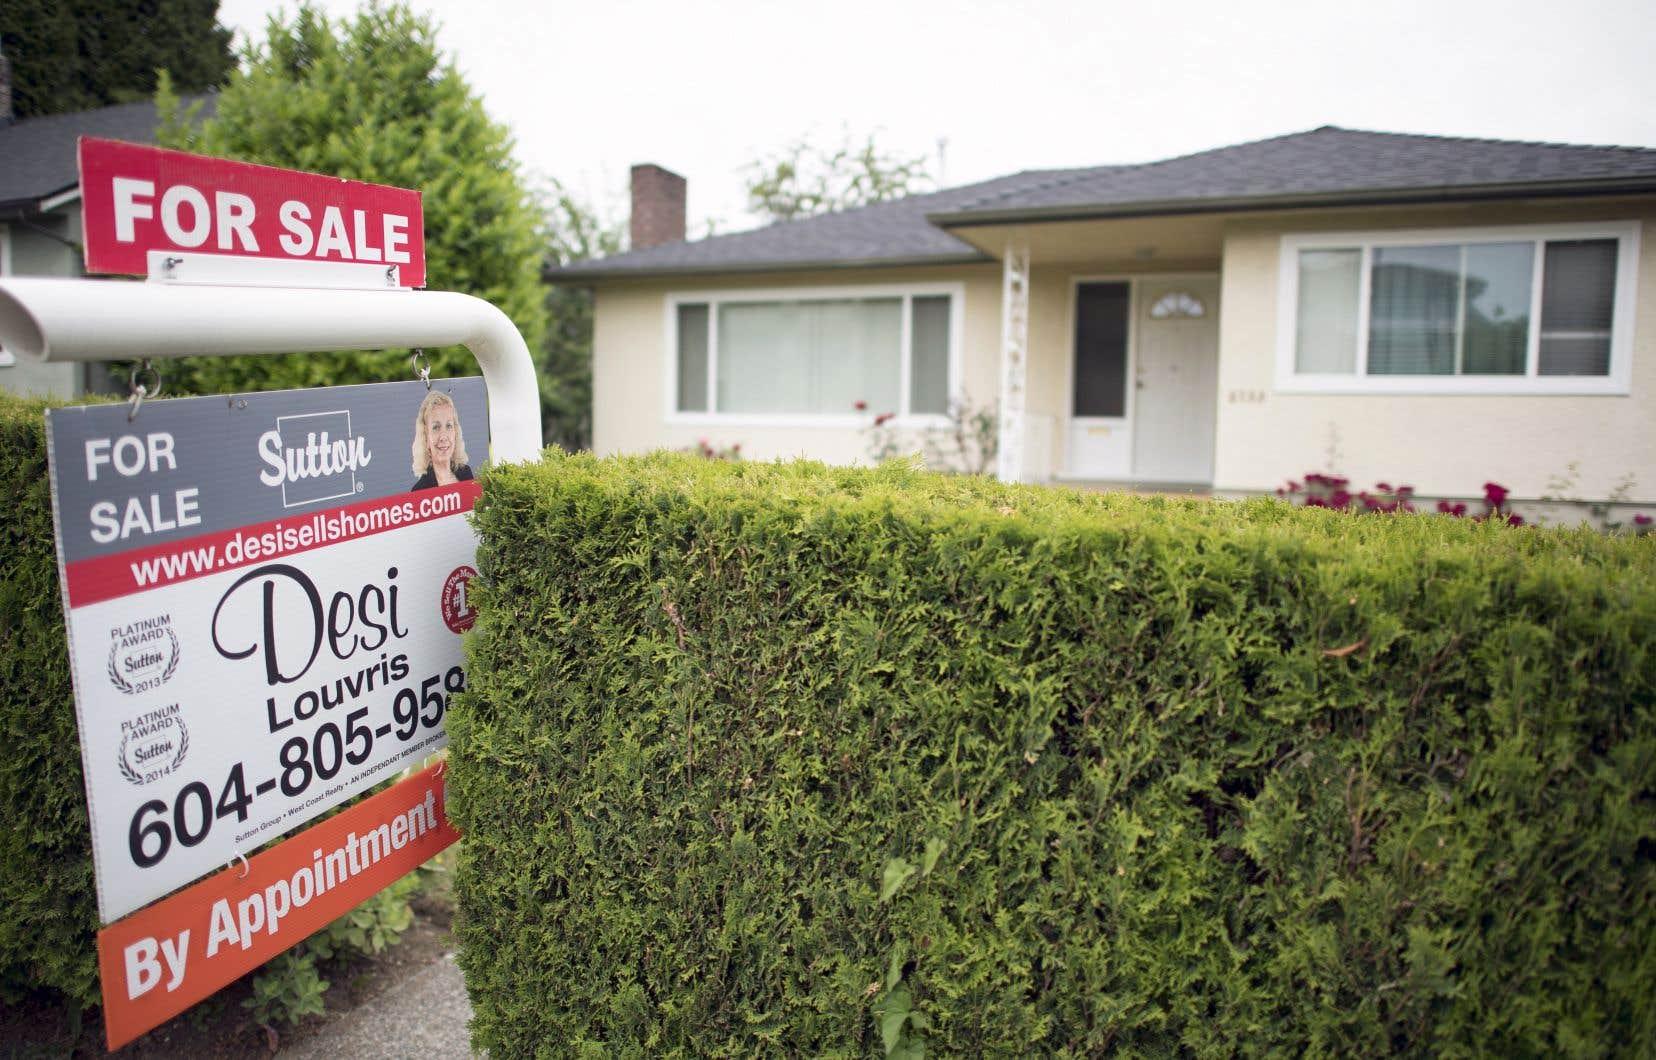 Les ménages les plus endettés sont plus susceptibles, notamment, d'appartenir à la classe moyenne, d'être titulaires de prêts hypothécaires et de résider en Ontario ou en Colombie-Britannique.